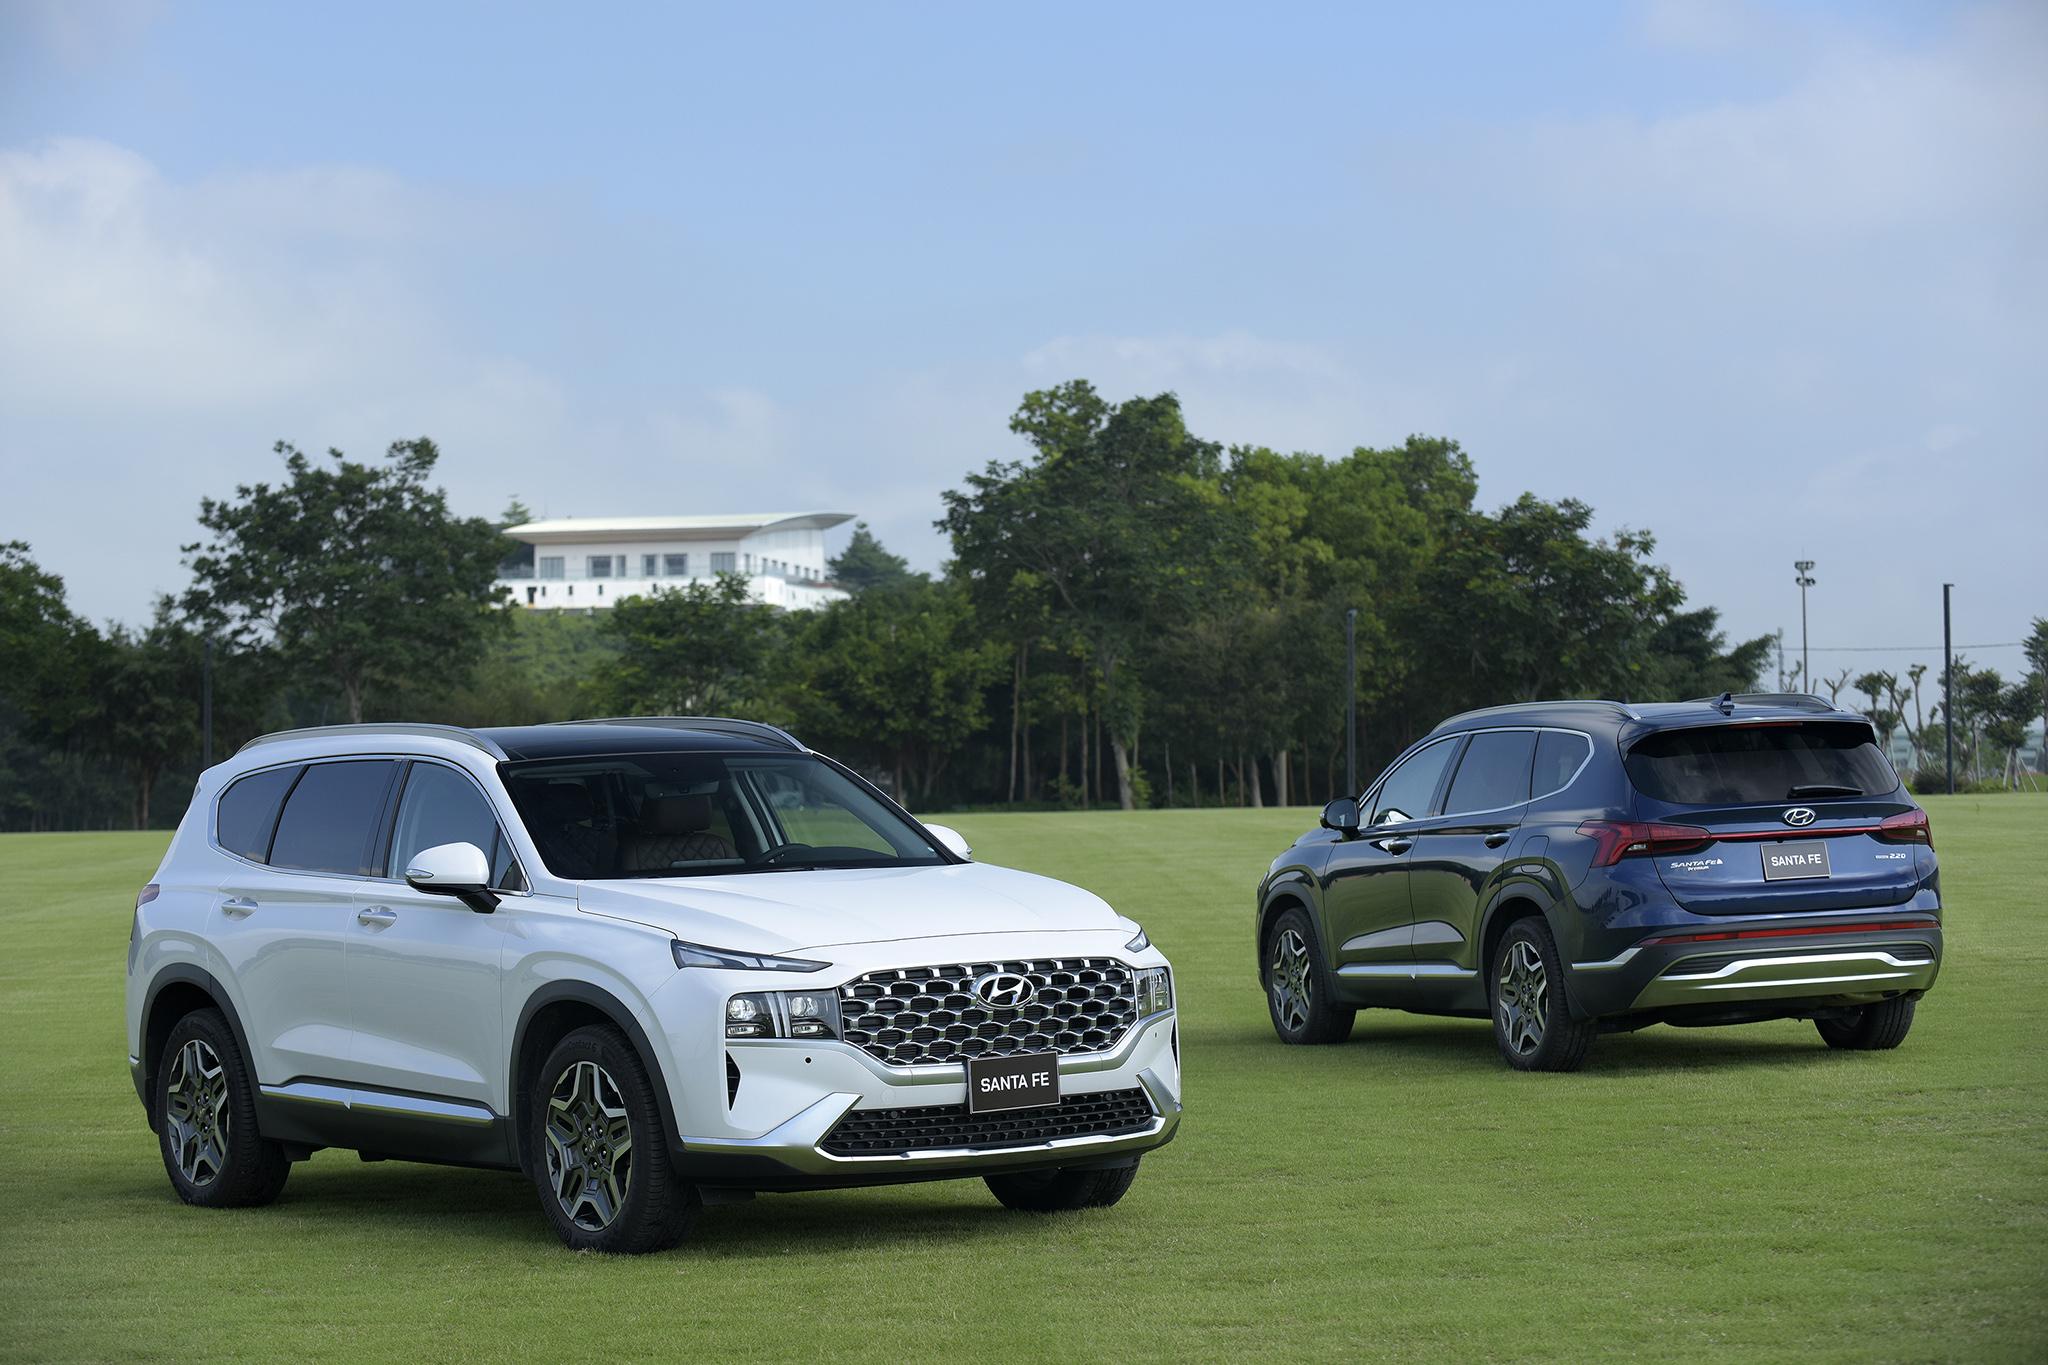 Hyundai Santa Fe 2021 chính thức ra mắt tại Việt Nam, giá từ 1,030 tỷ đồng hyundai-santa-fe-2021-6.jpeg